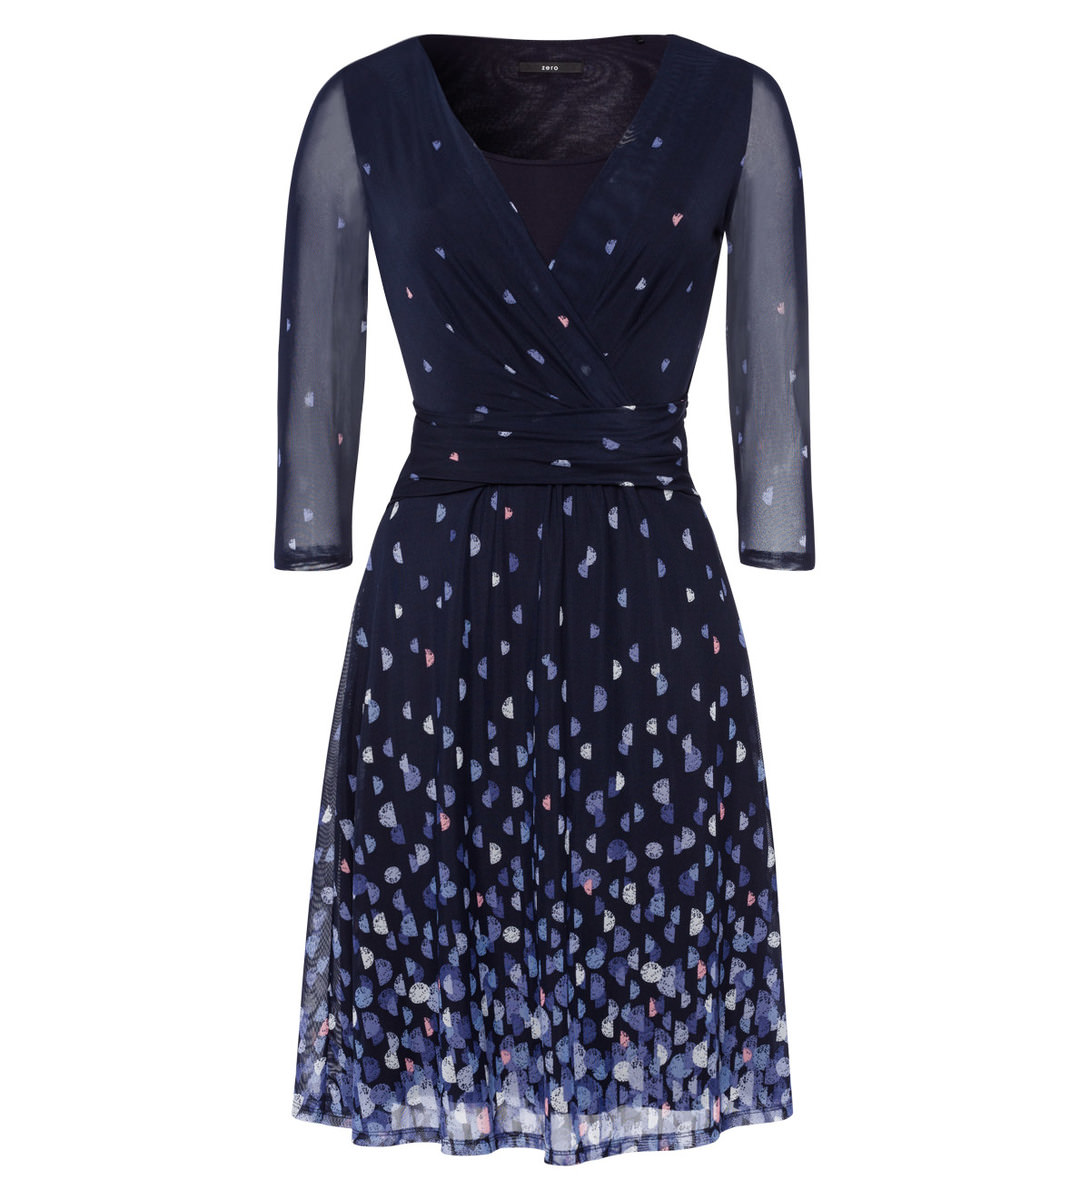 Kleid im raffinierten Design in blue black